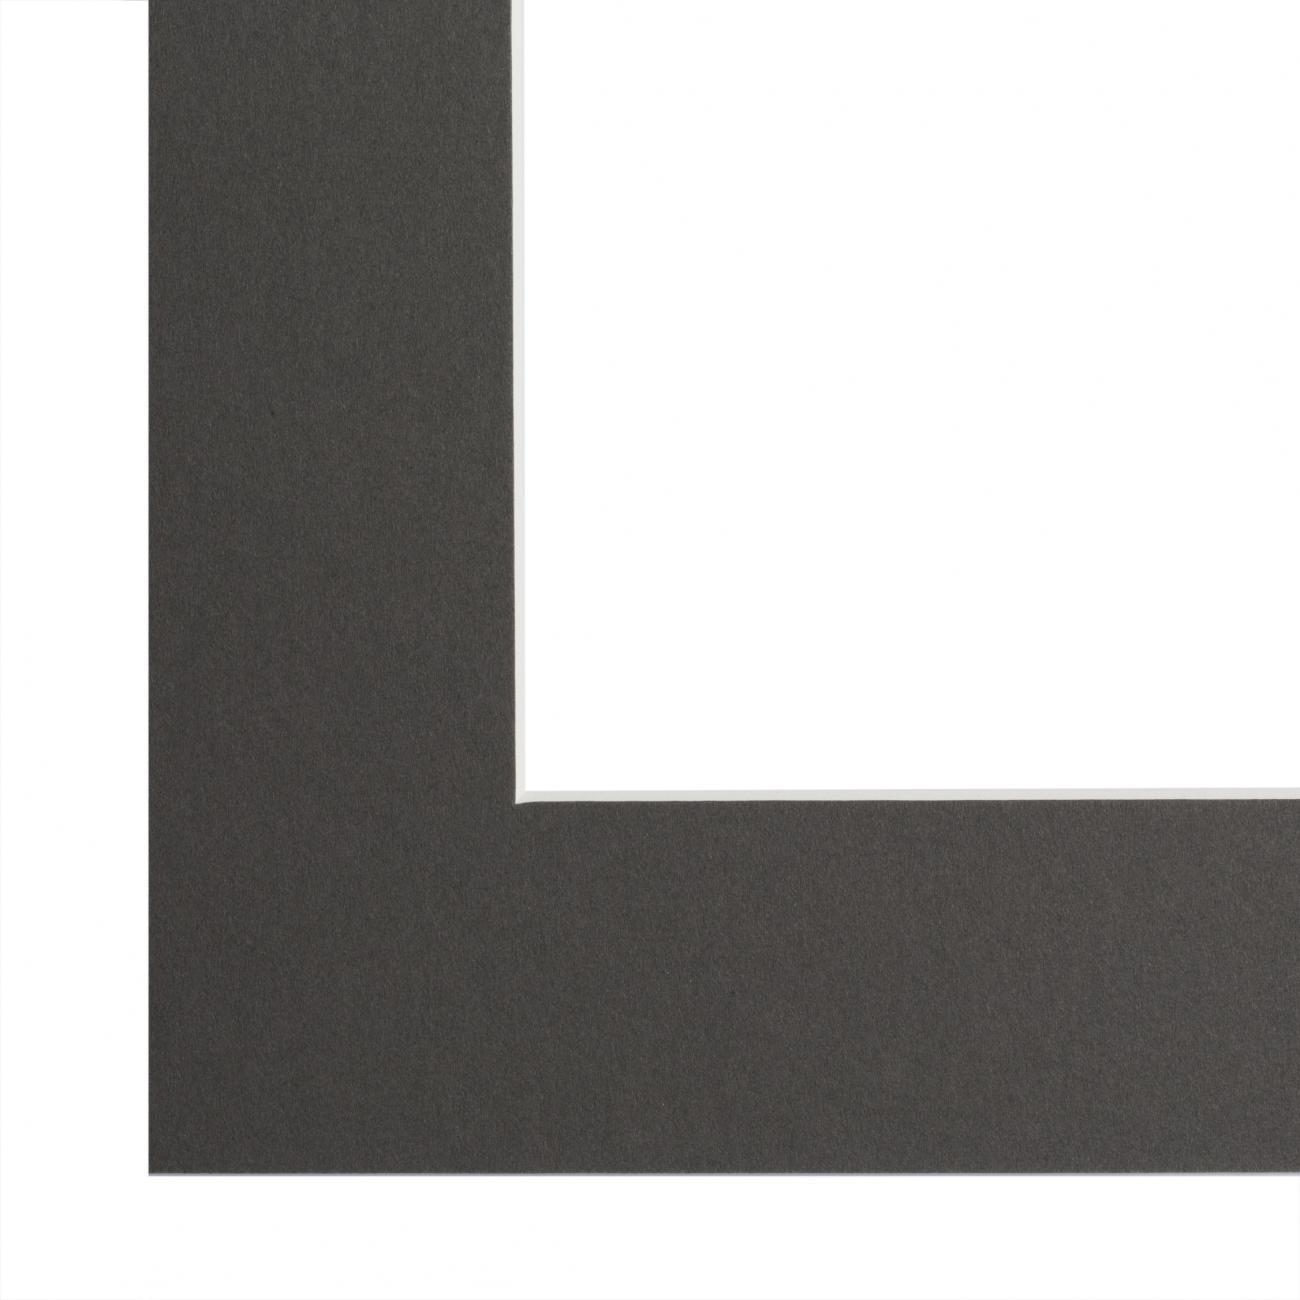 Passe-partout gris foncé, âme blanche, épaisseur 1,4mm